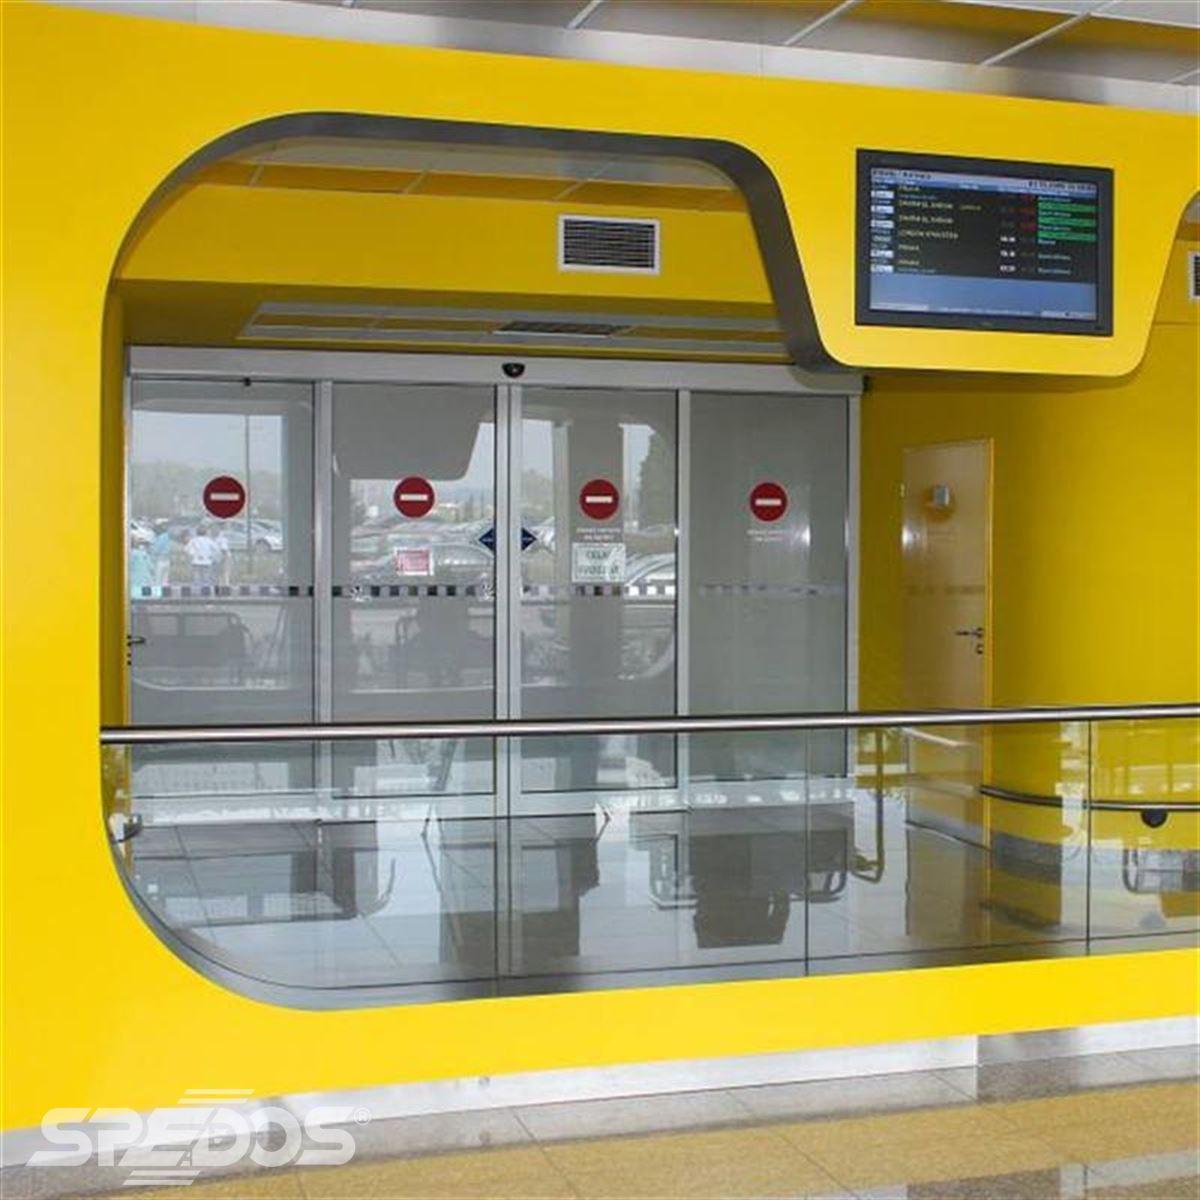 automatické dveře Spedos v prostorách letiště Brno 2